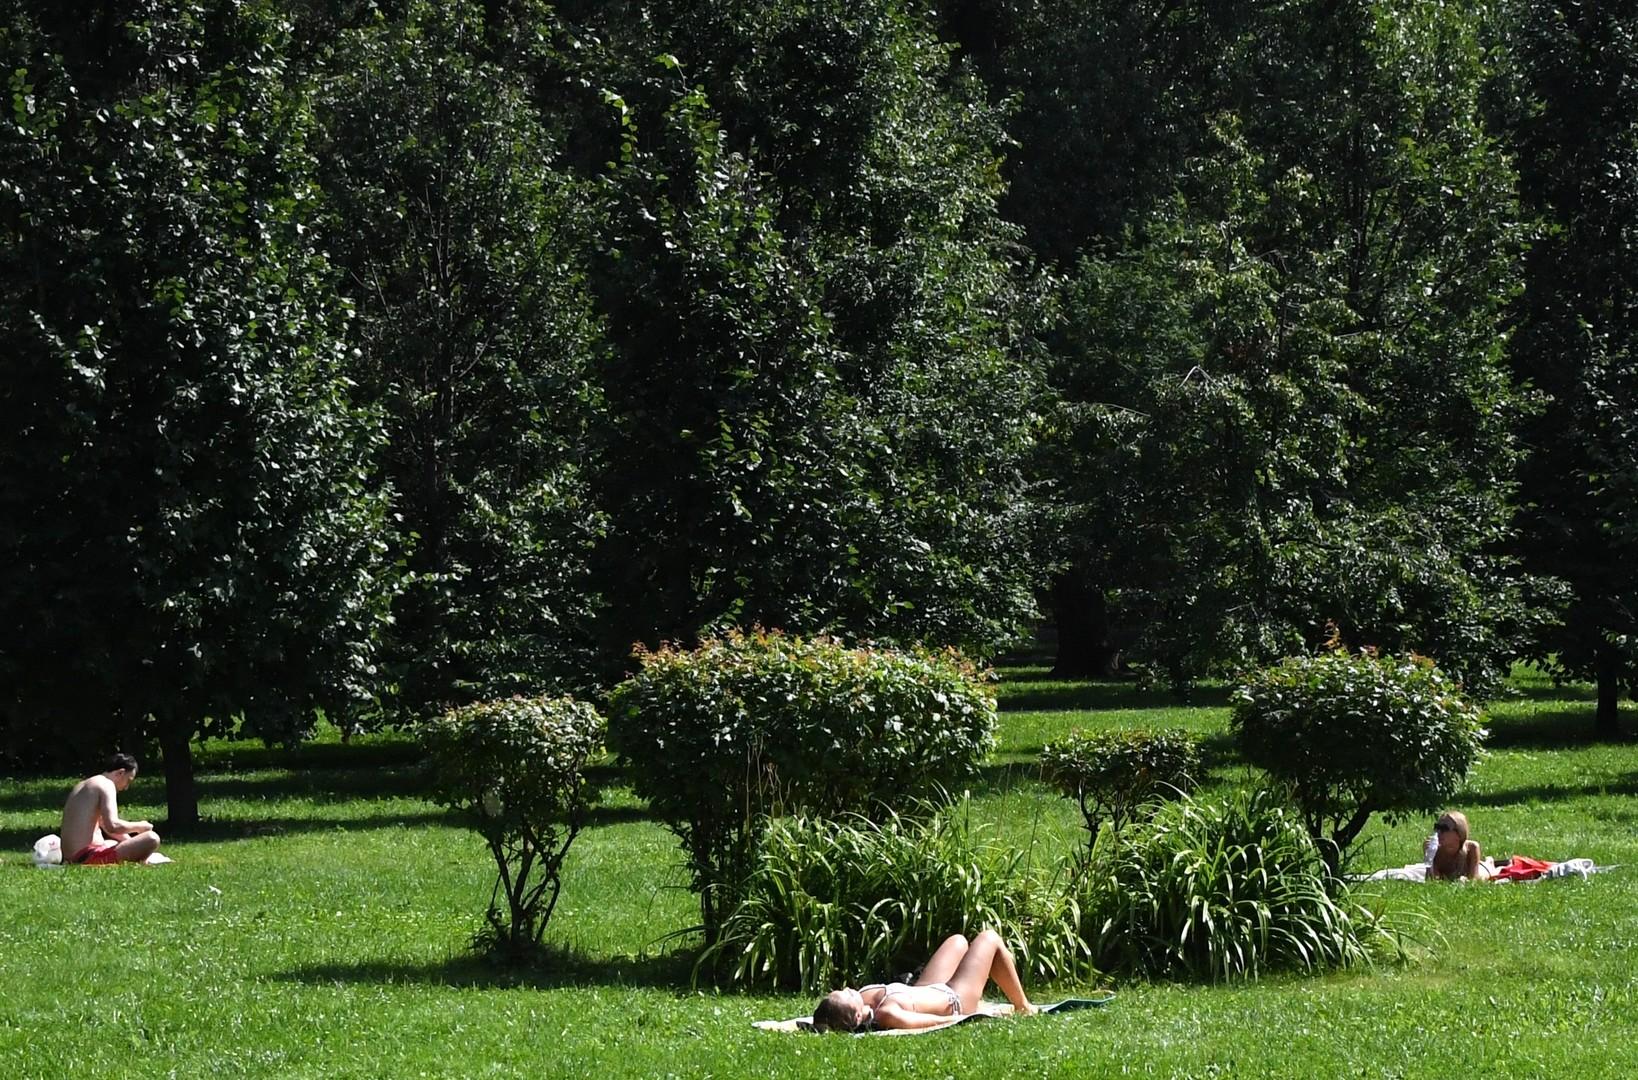 Сегодня в Москве ожидается самый жаркий день в году